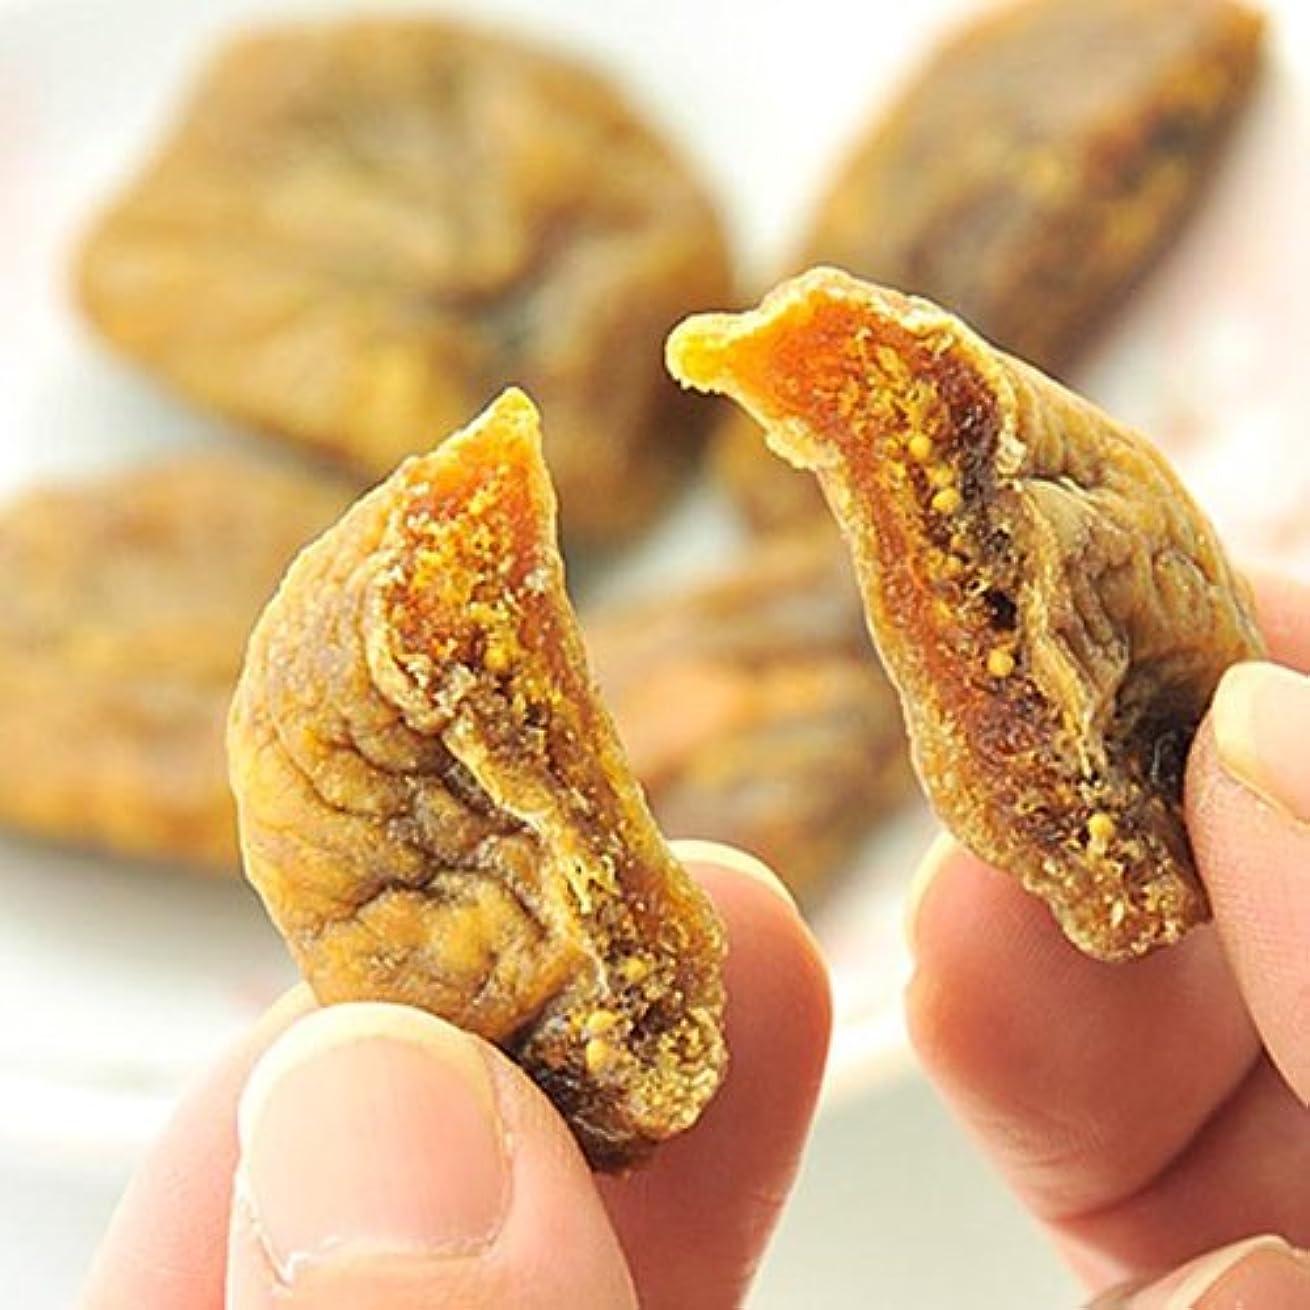 満足できるタイマーミネラルトルコ産 いちじく 無添加 砂糖不使用 ドライフルーツ イチジク 1袋 1kg